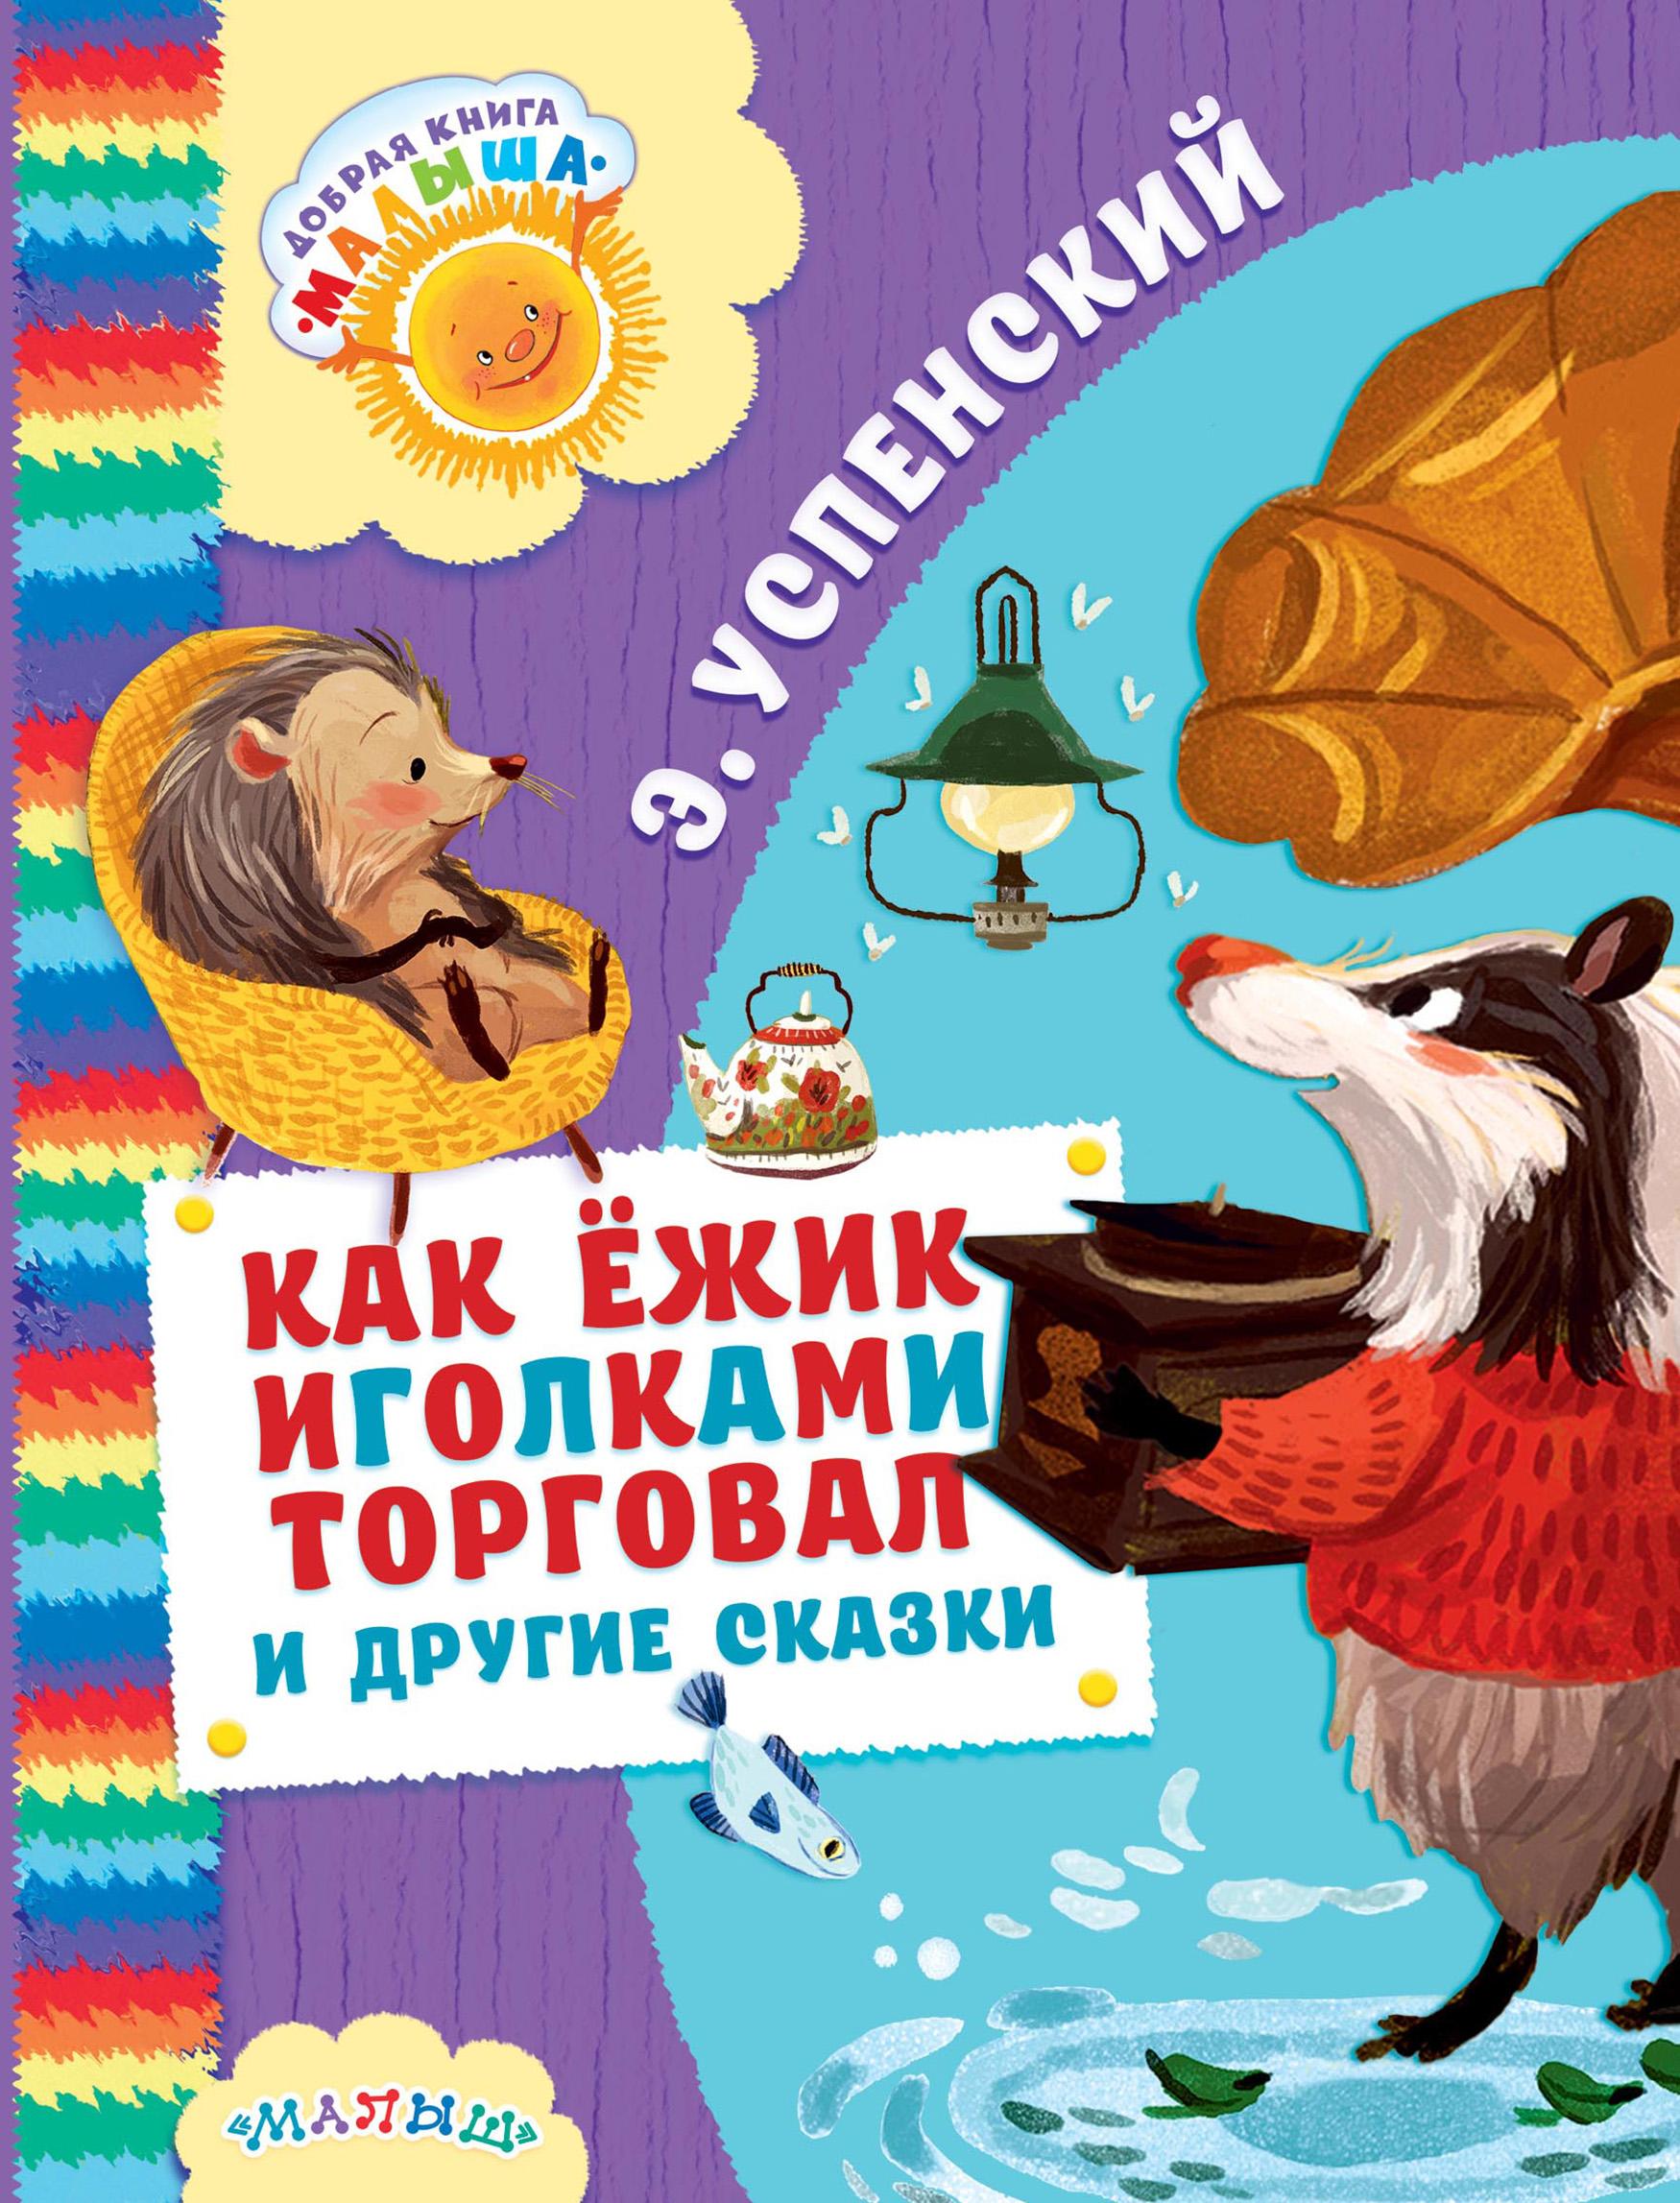 Эдуард Успенский Как ёжик иголками торговал и другие сказки (сборник) эдуард успенский принц из киндер яйца